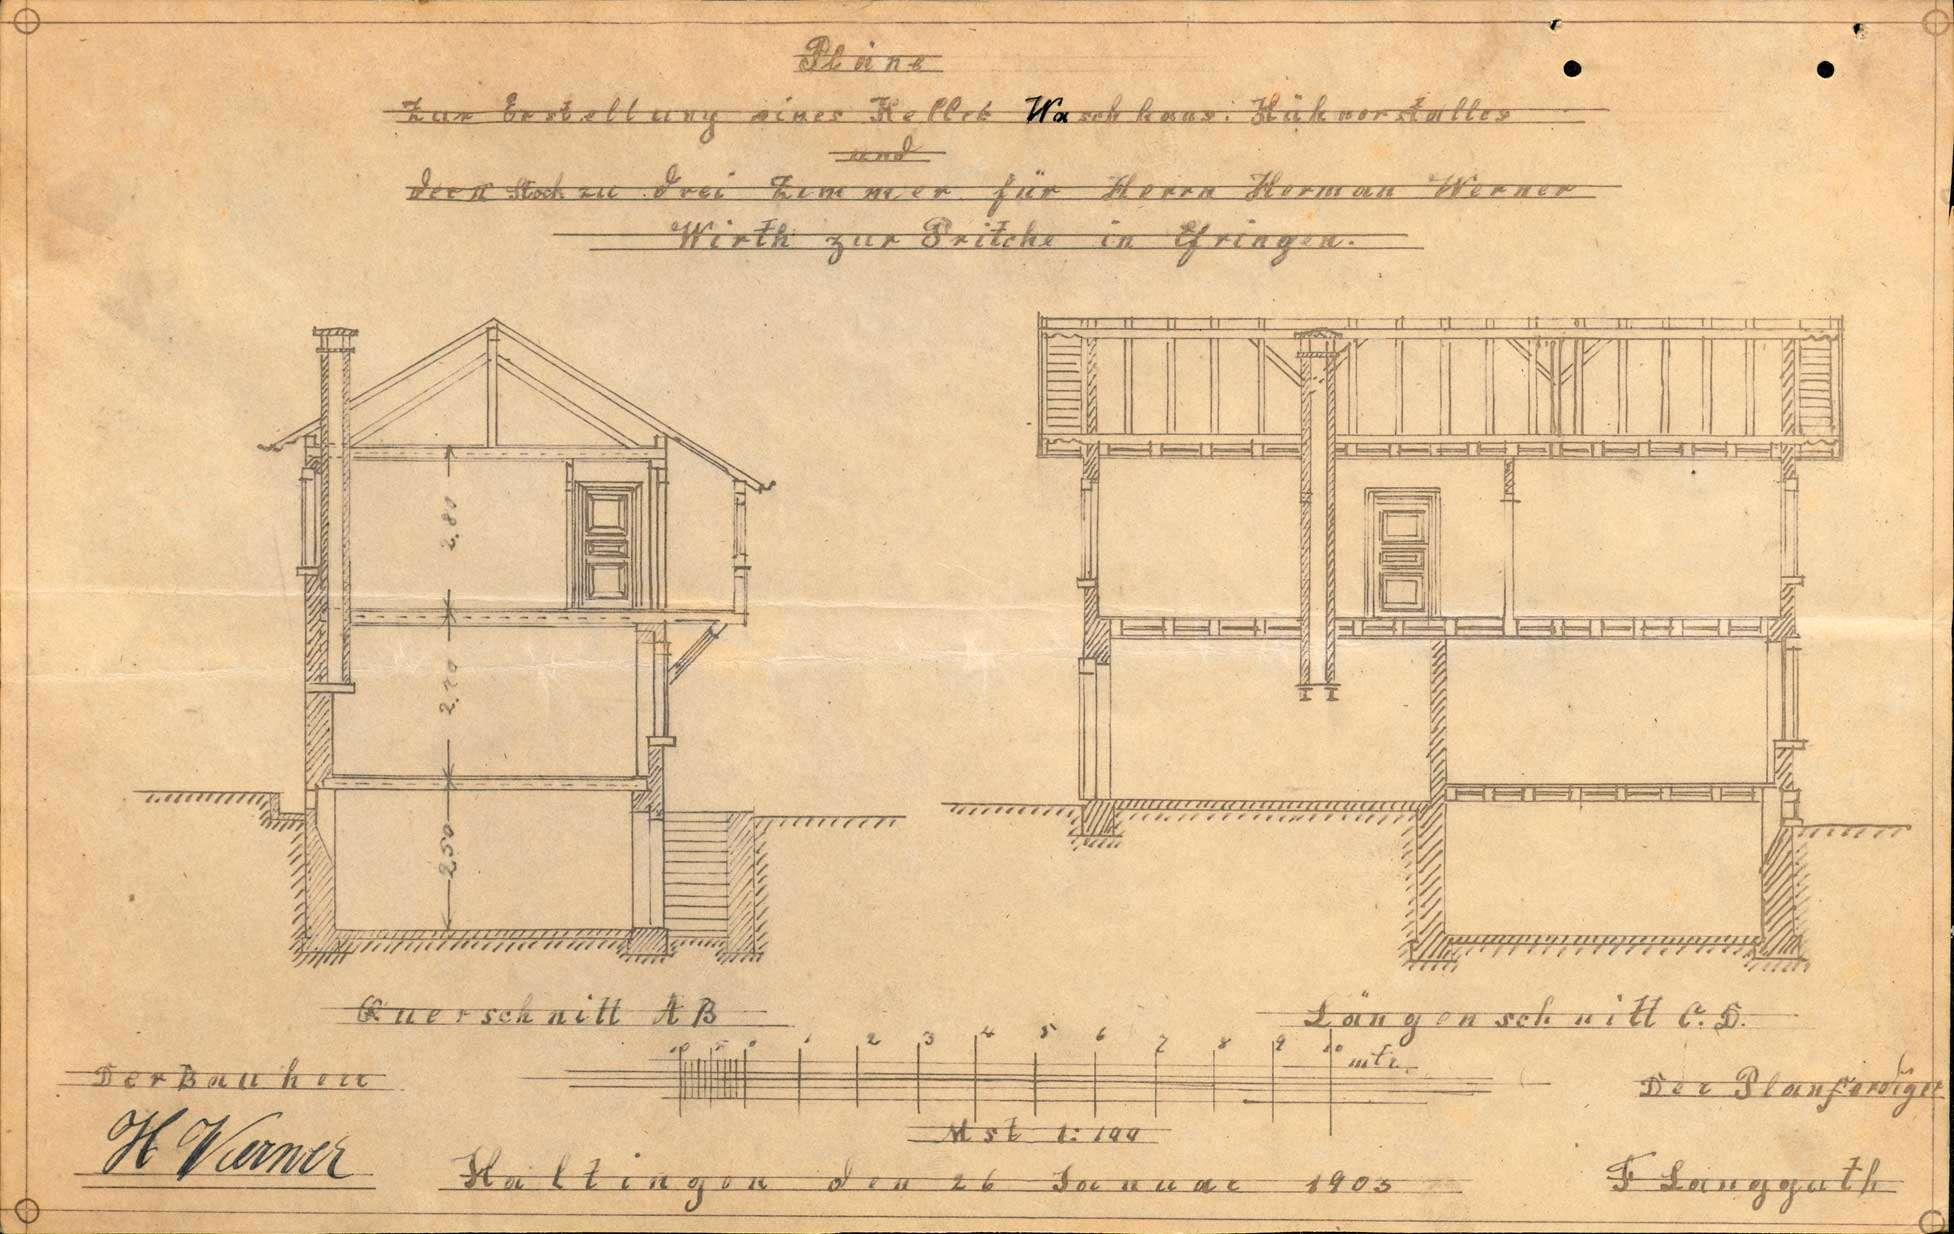 Antrag des Hermann Werner auf Genehmigung zum Bau eines Kellers, Waschhauses, Hühnerstalls und zur Erweiterung des zweiten Stocks seines Hauses in Efringen, Bild 3